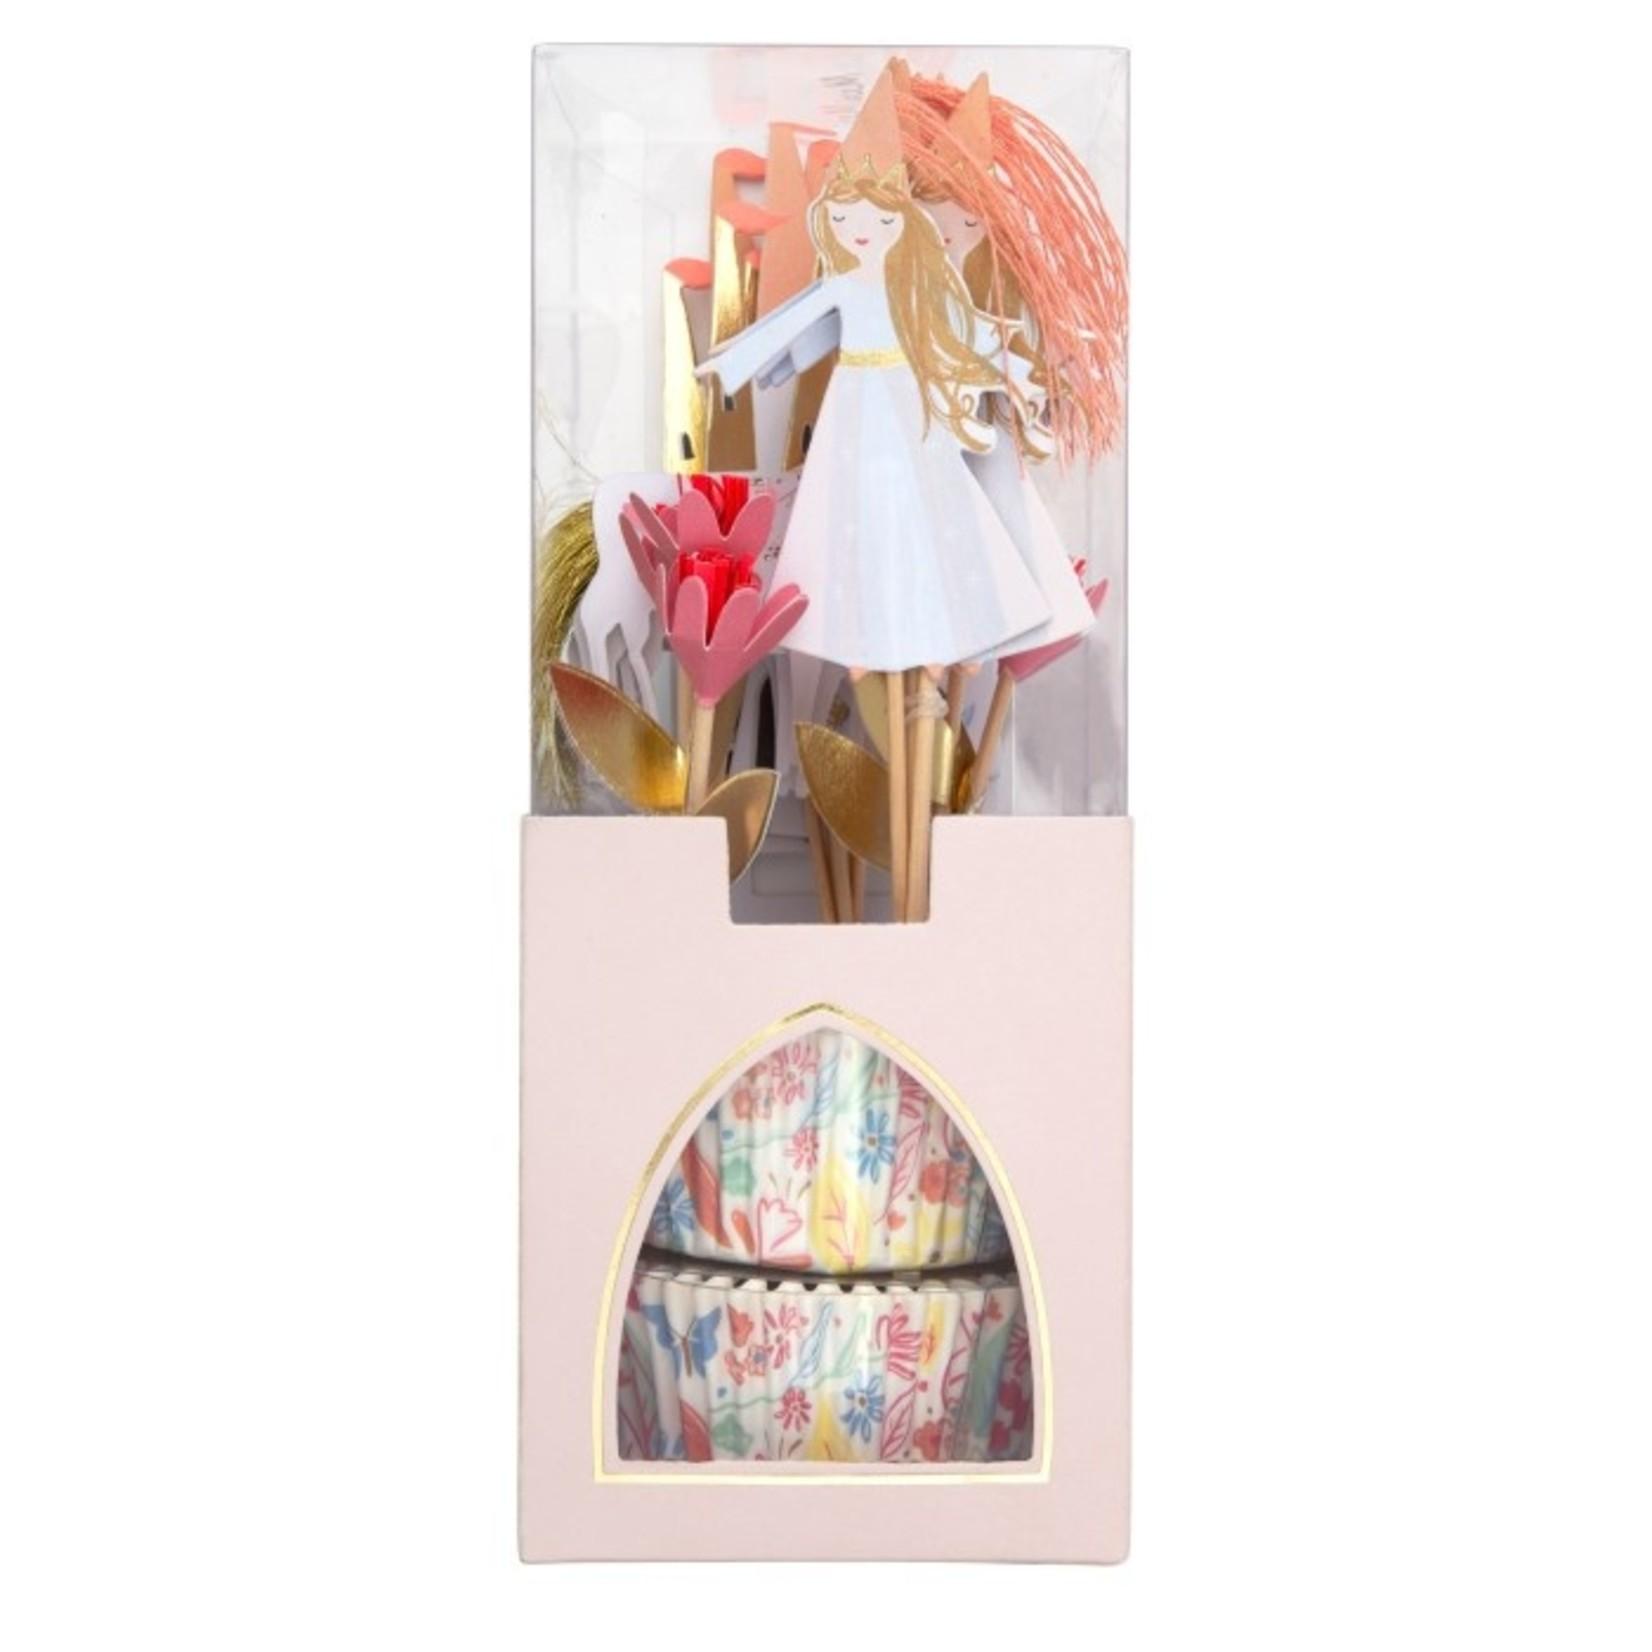 Magical Princess Cupcake